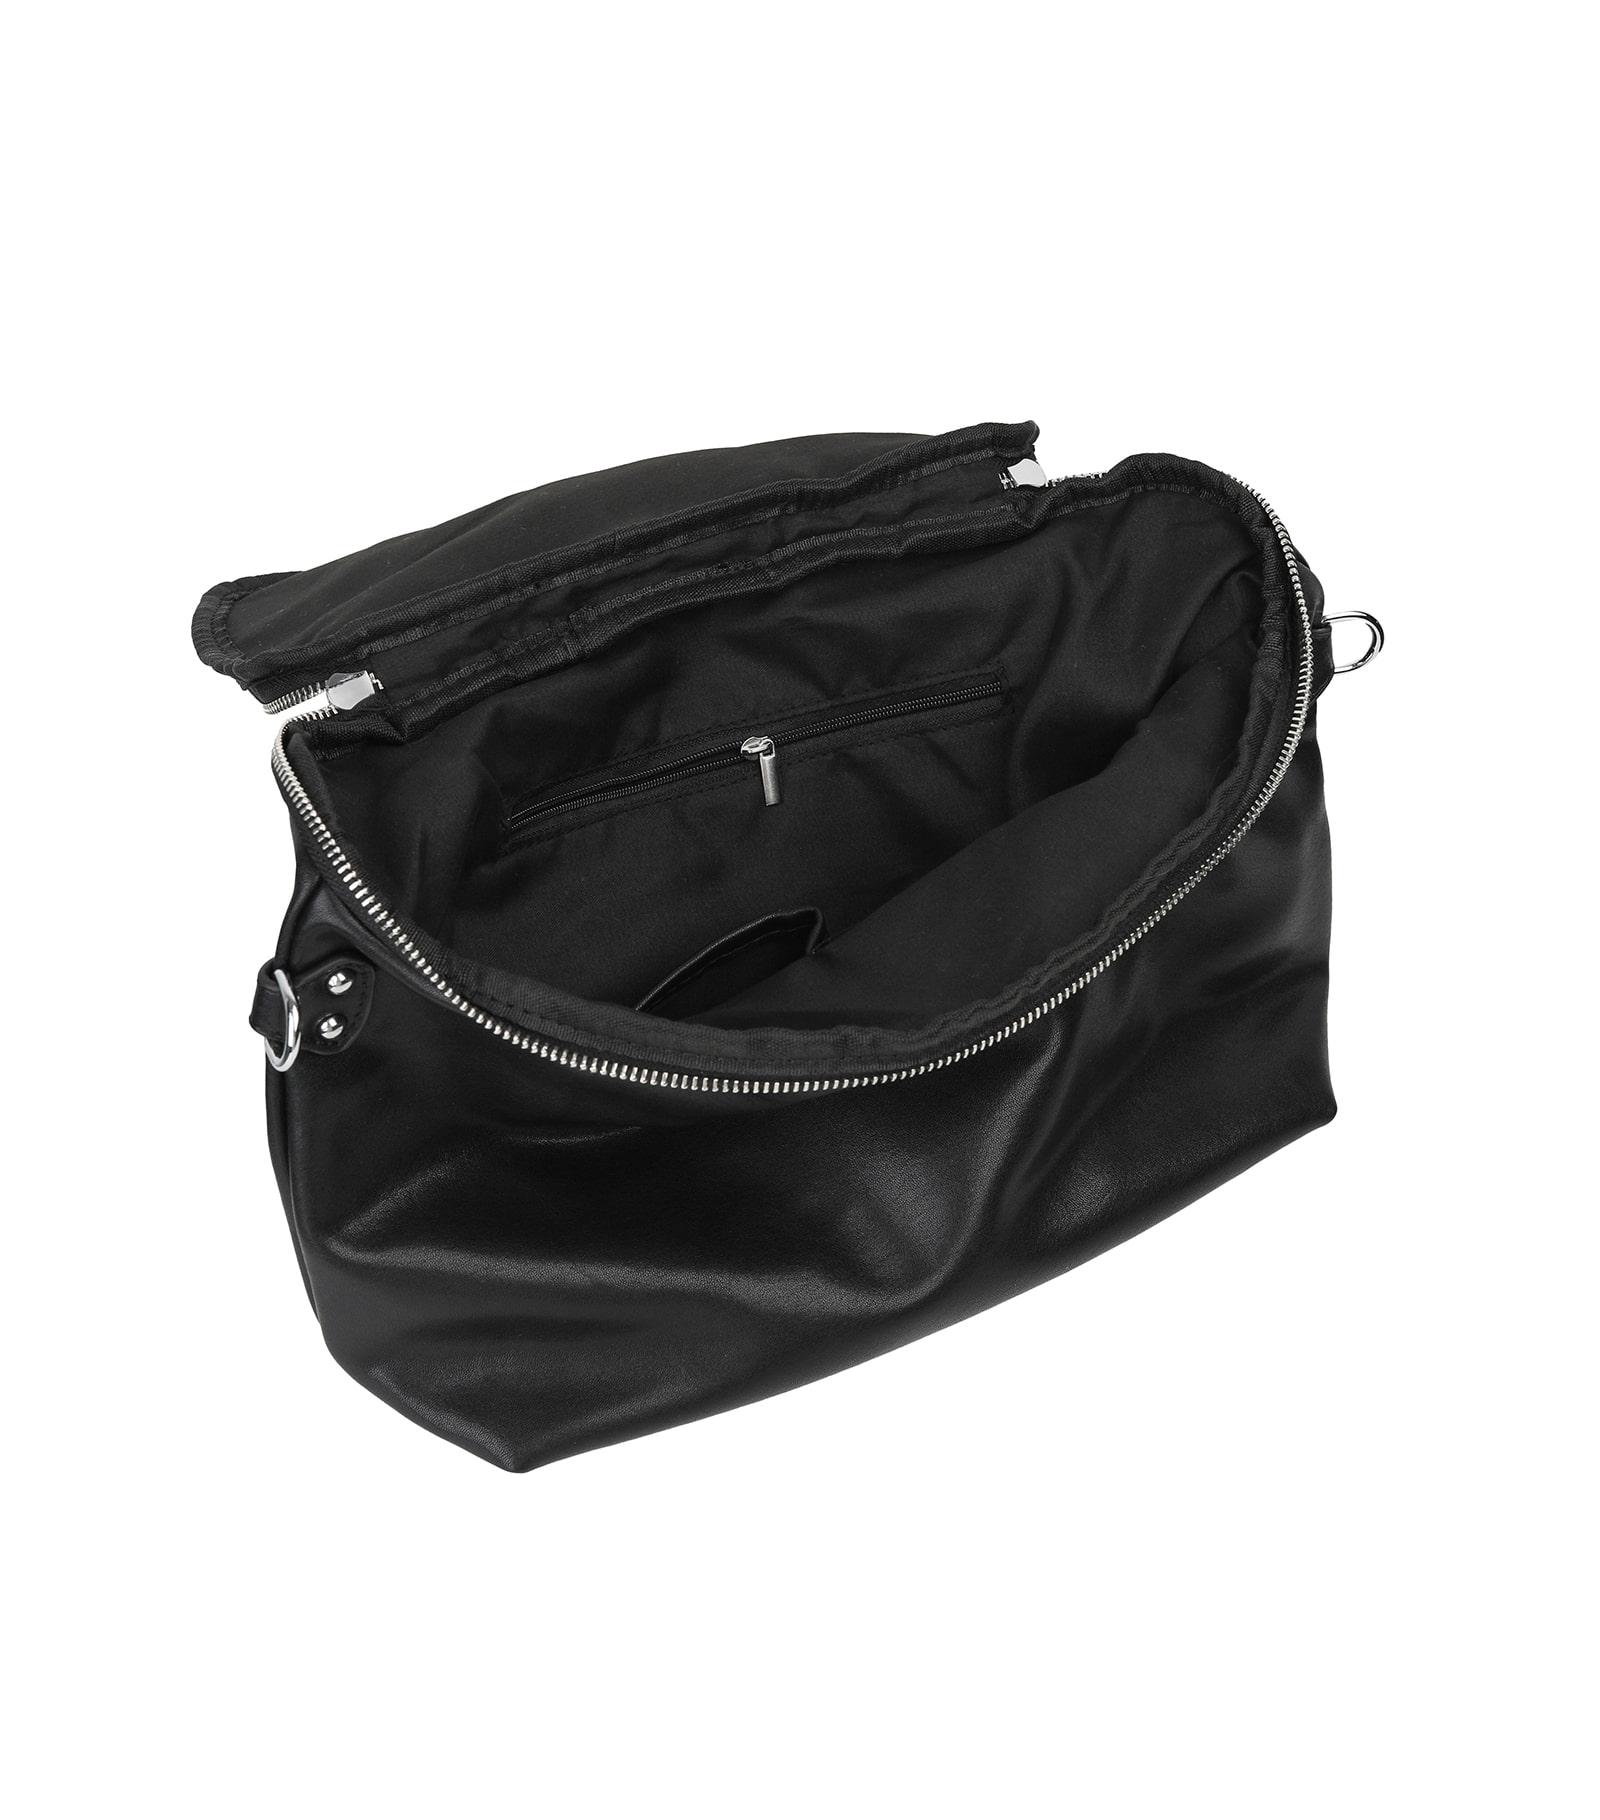 Byder black two-way shoulder bag